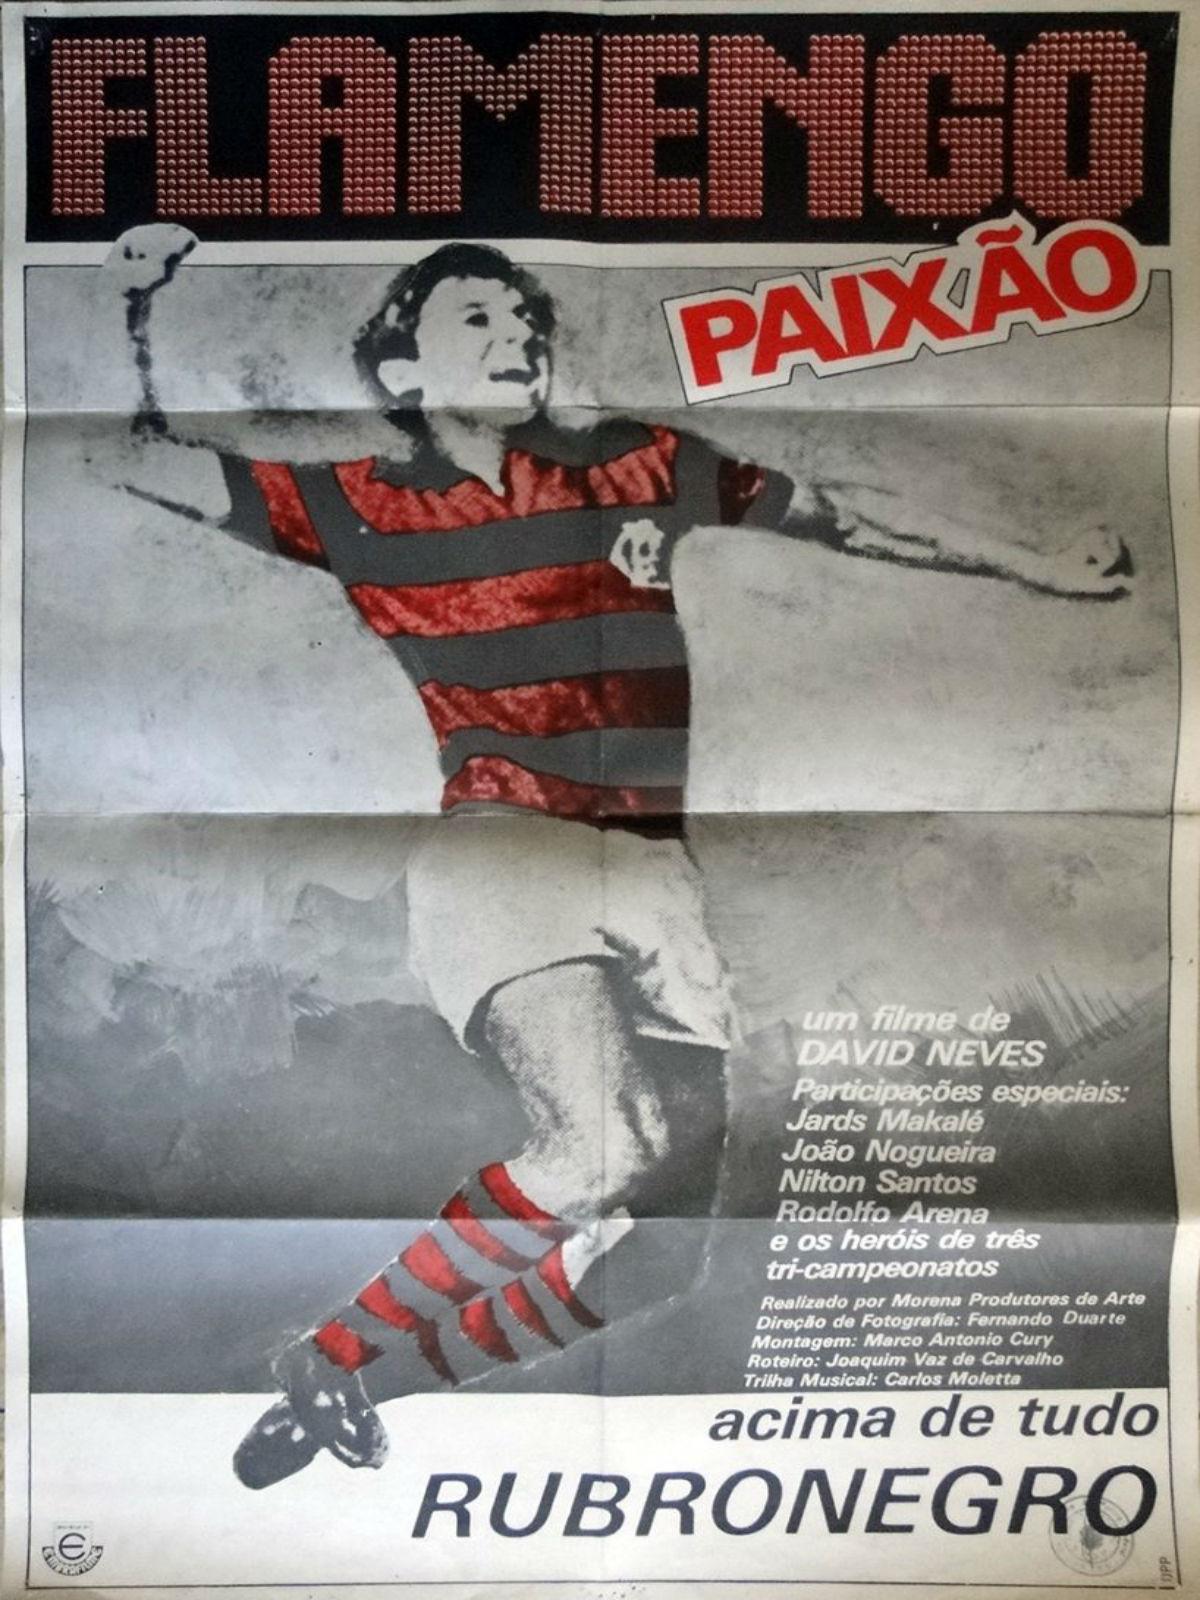 Resultado de imagem para Flamengo Paixão filme